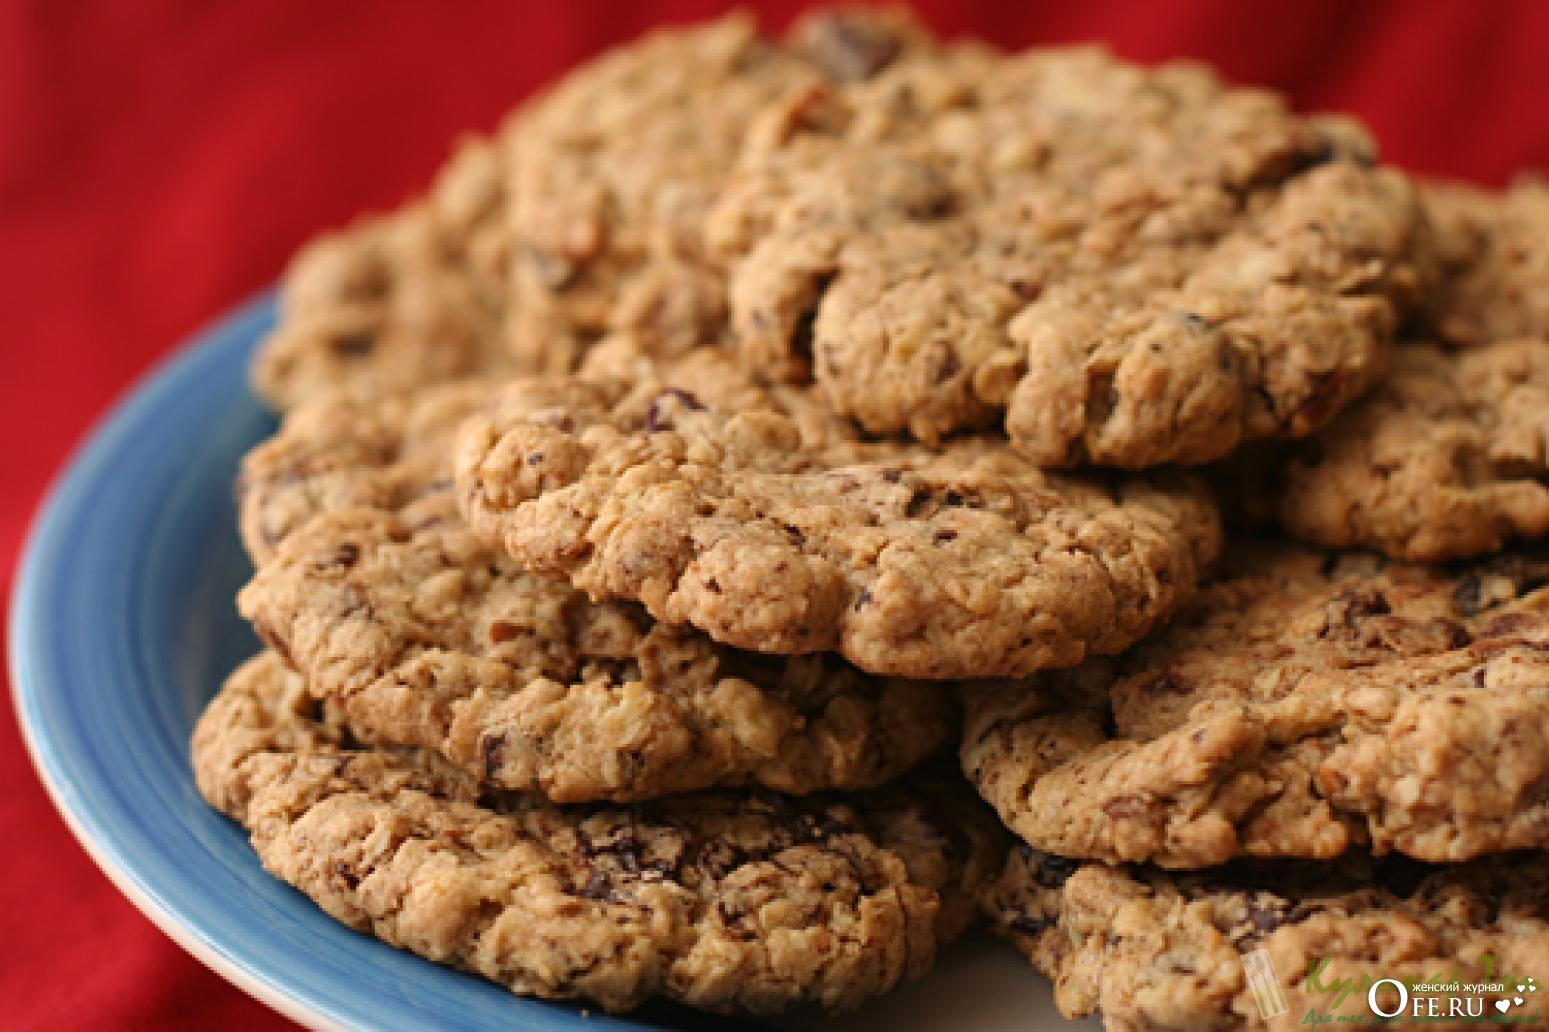 рецепт вкусного печенья в домашних условиях